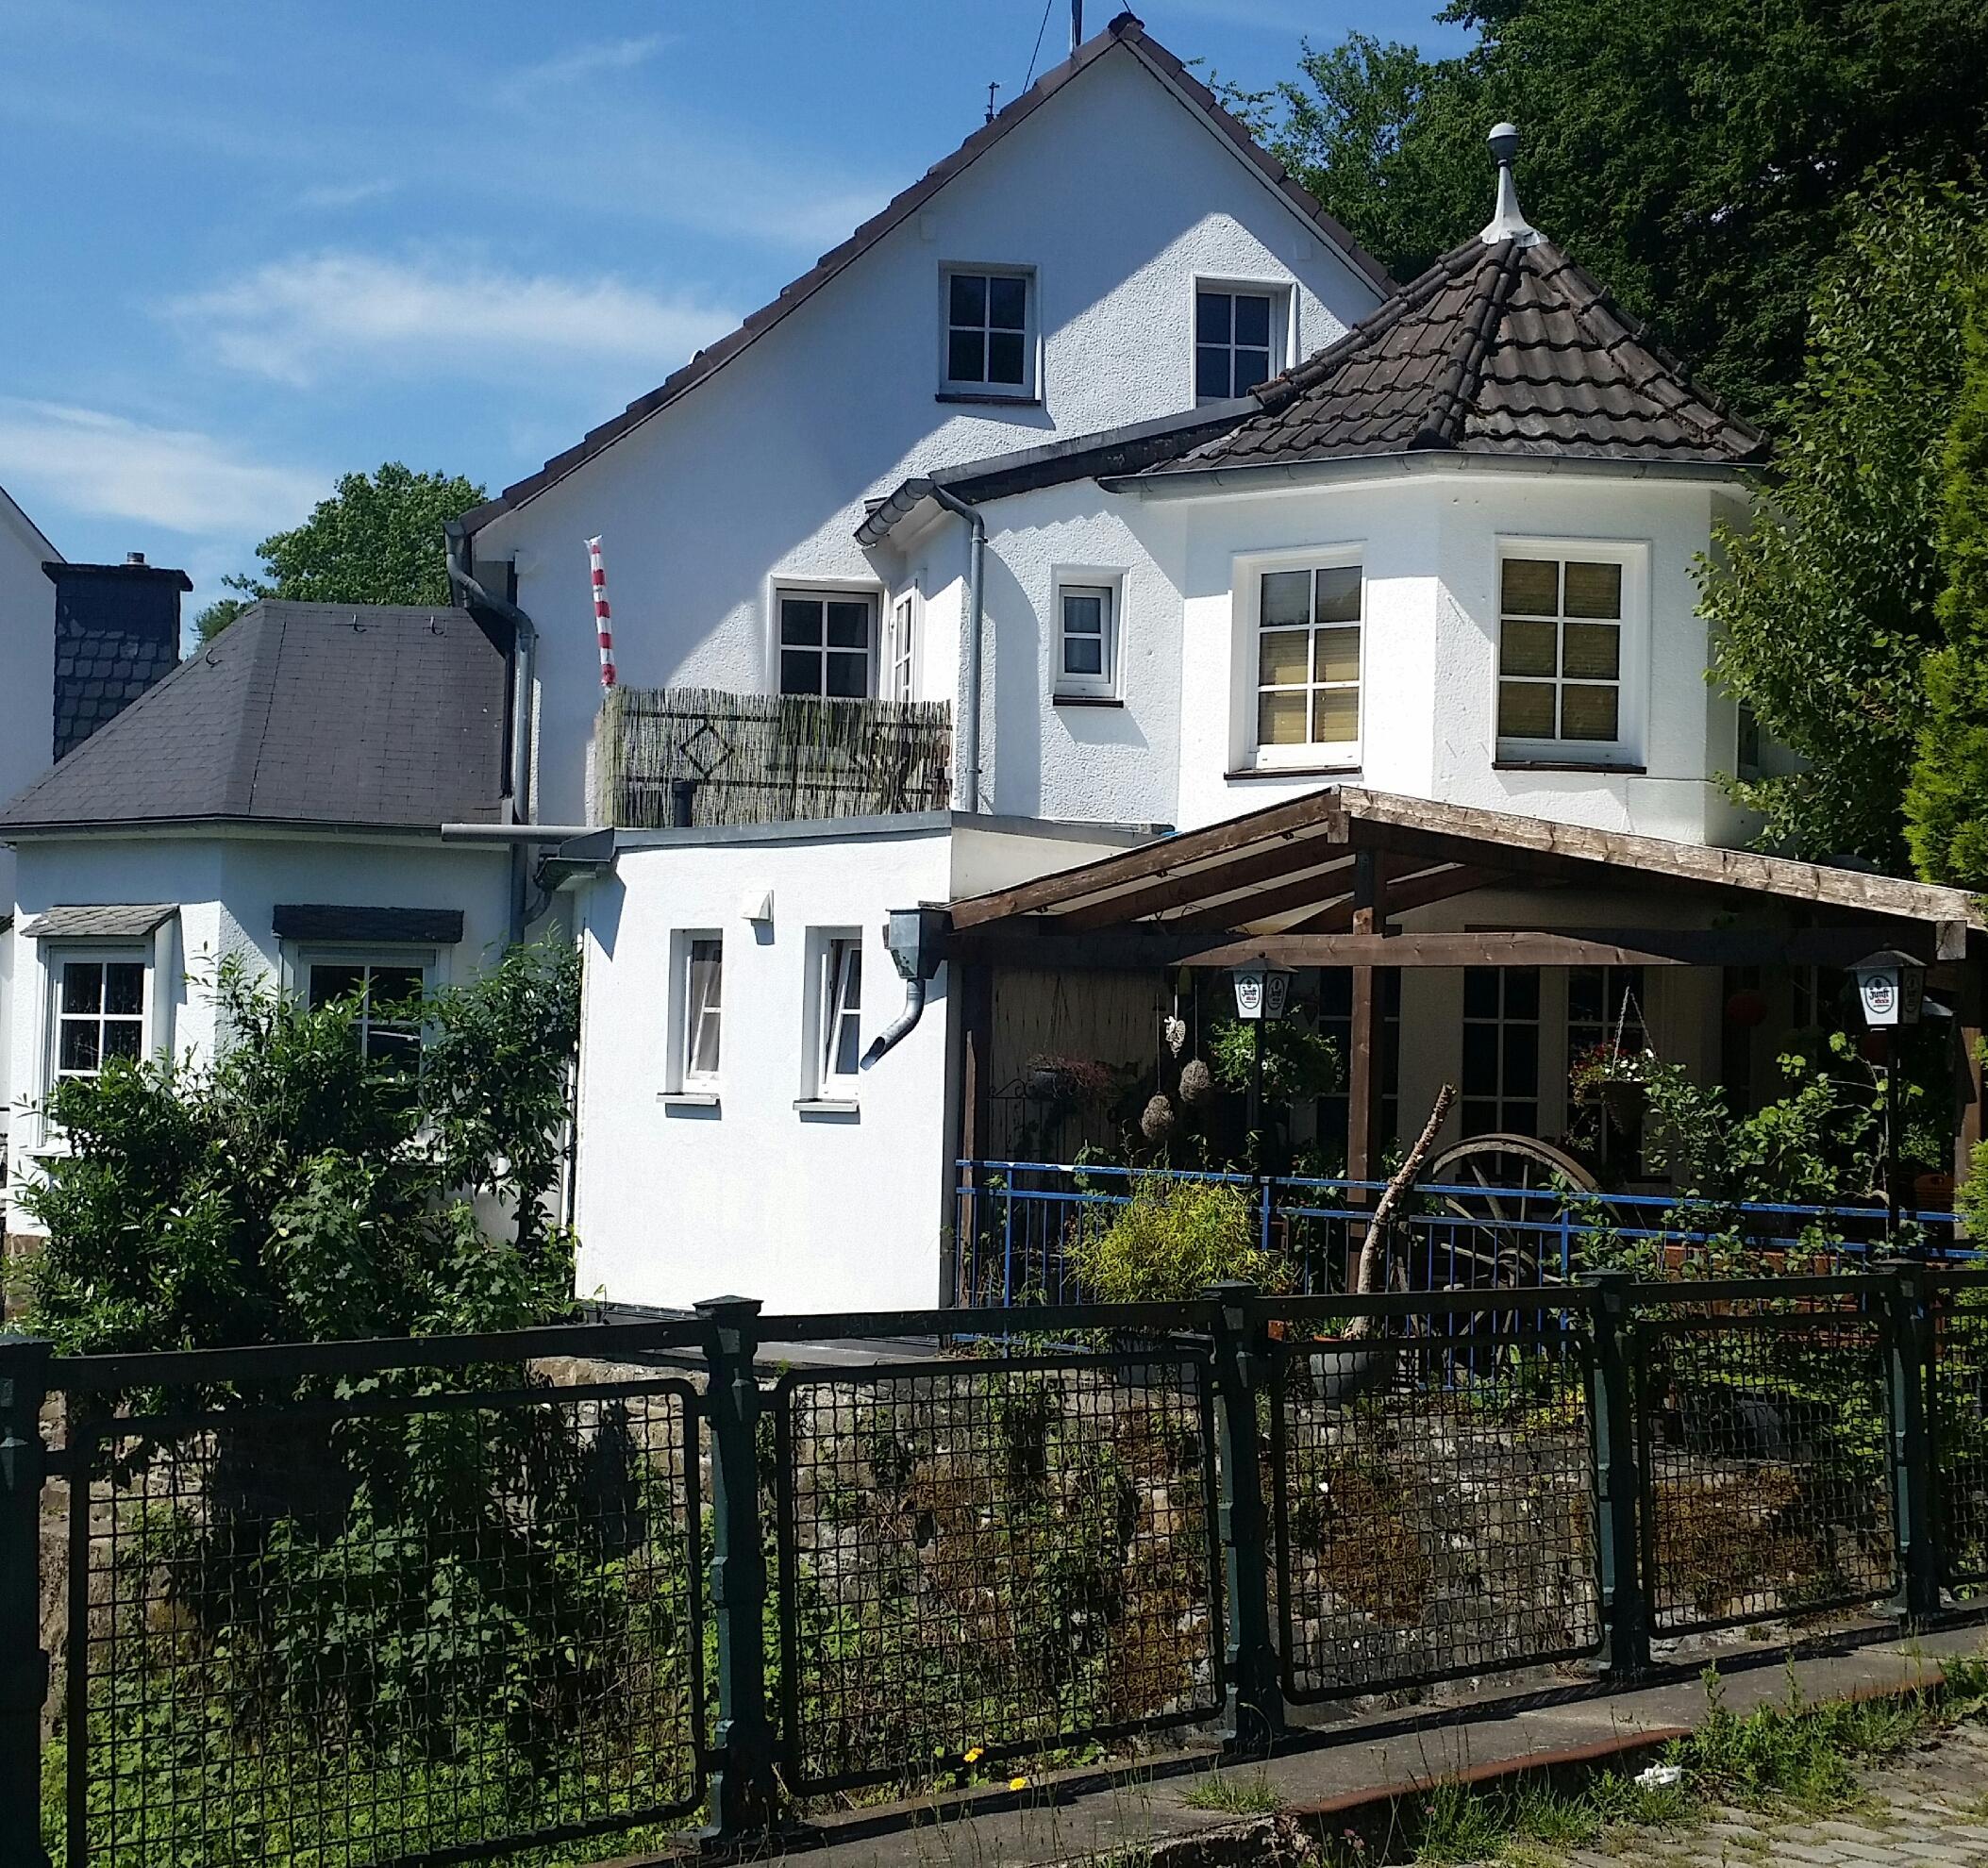 Best Gastropub food near Much, North Rhine-Westphalia, Germany